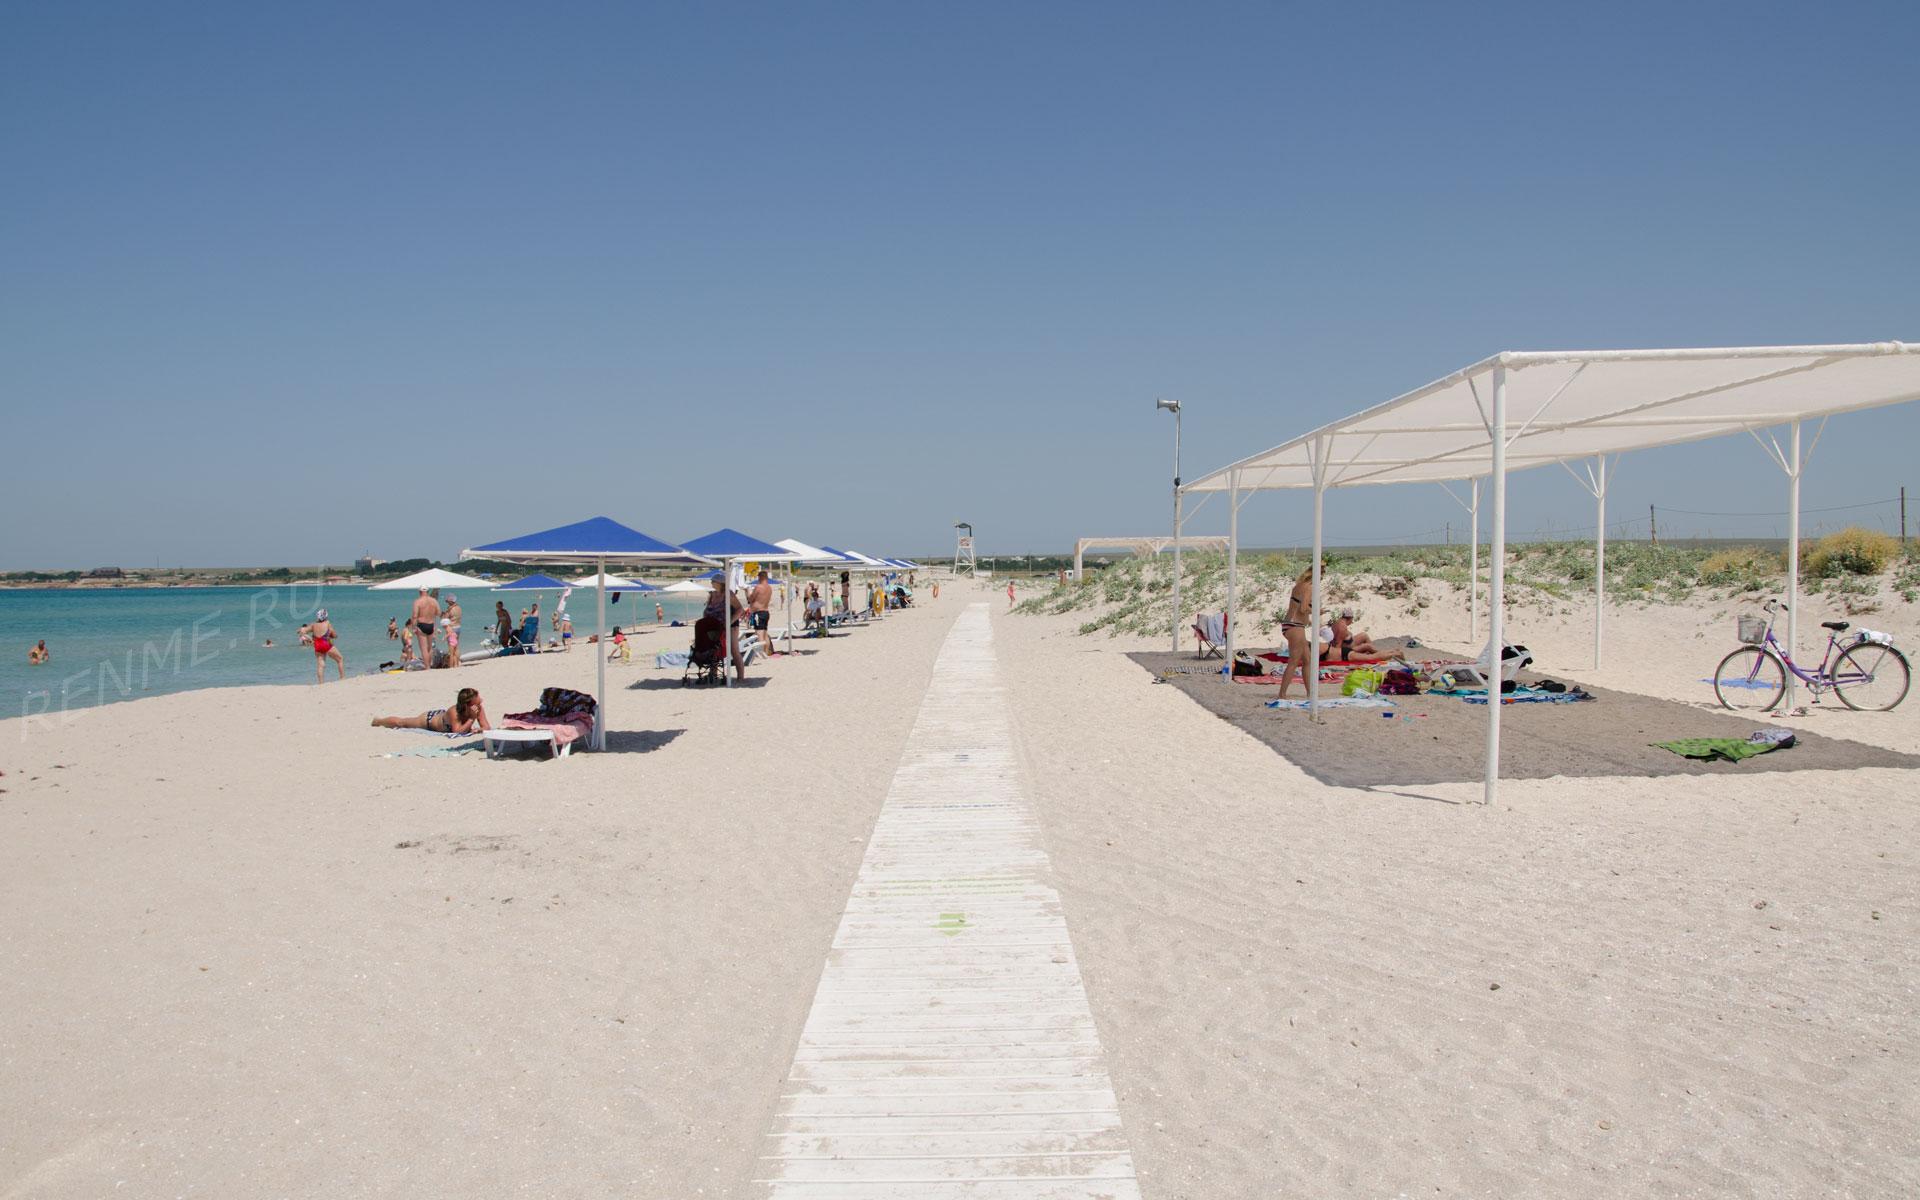 Курорт с песчаным пляжем. Фото Оленевки